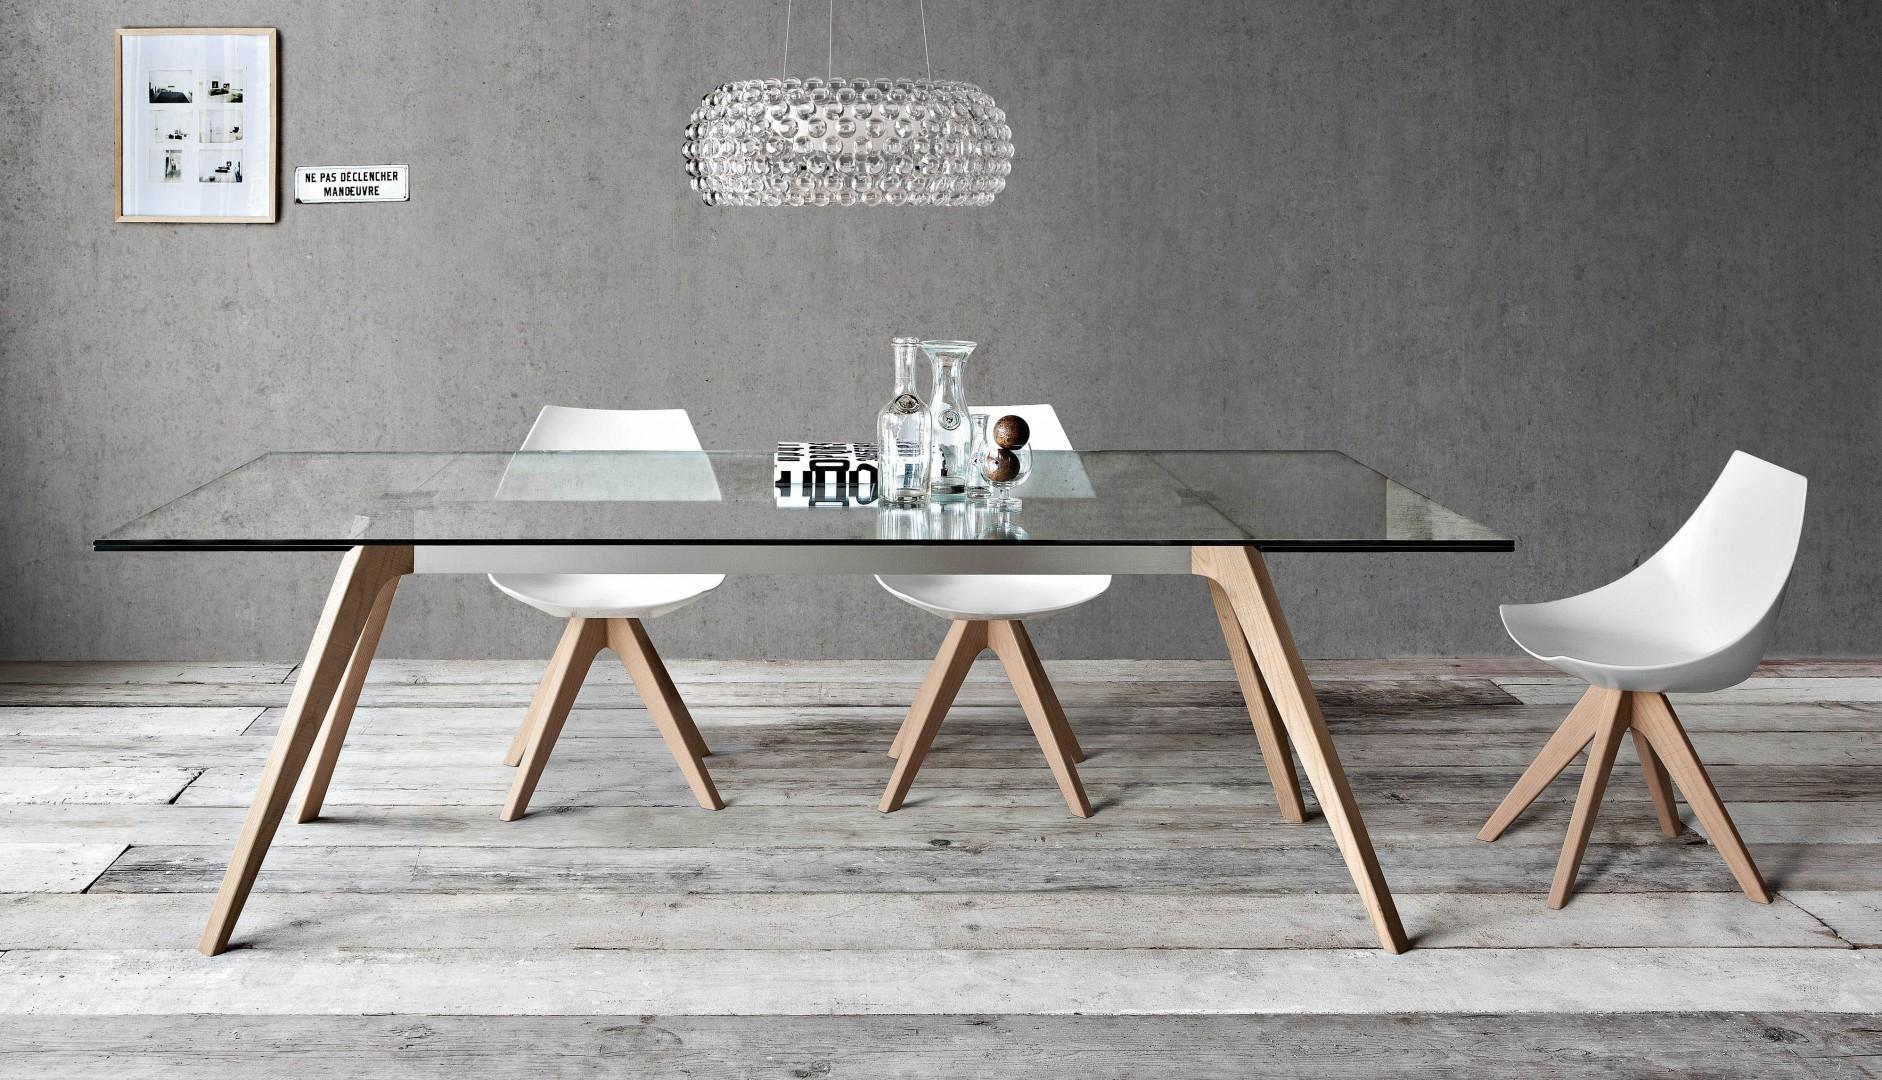 Stół włoskiej firmy Pianca, ze szklanym blatem. Fot. Pianca